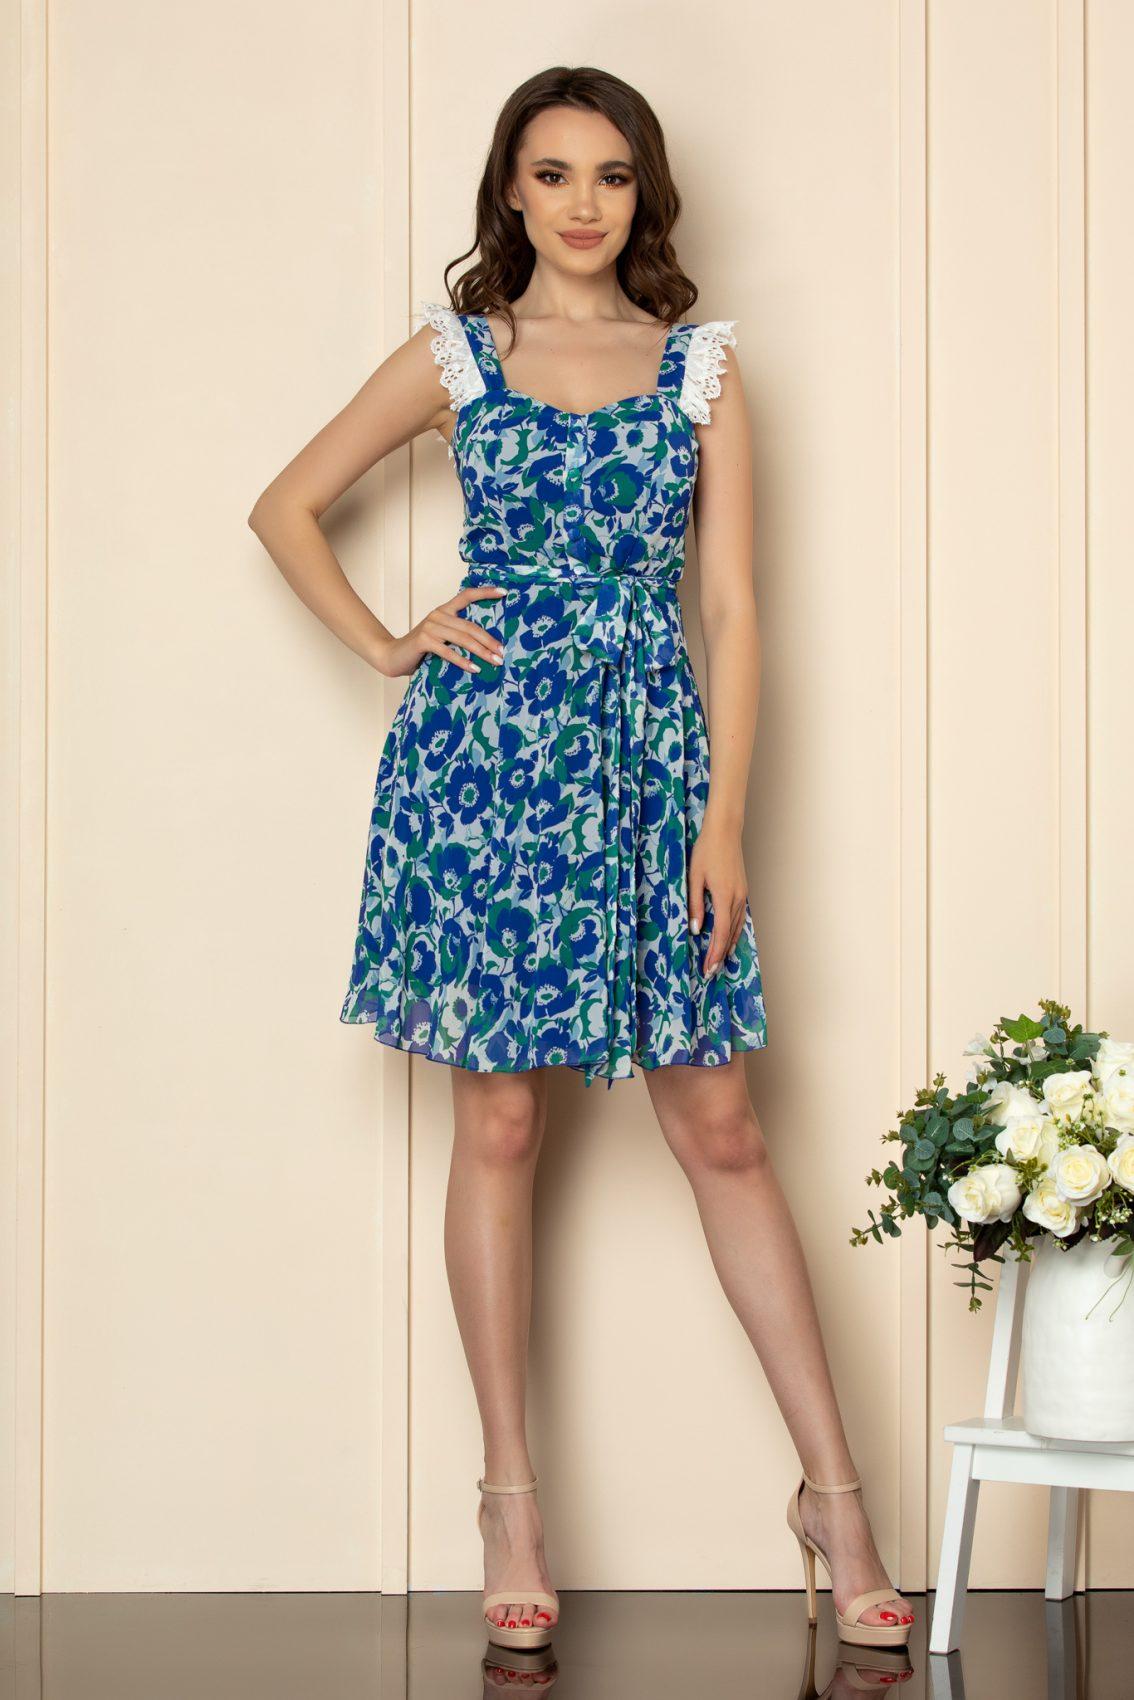 Μπλε Εμπριμέ Φόρεμα Με Δαντέλα Freya A537 2